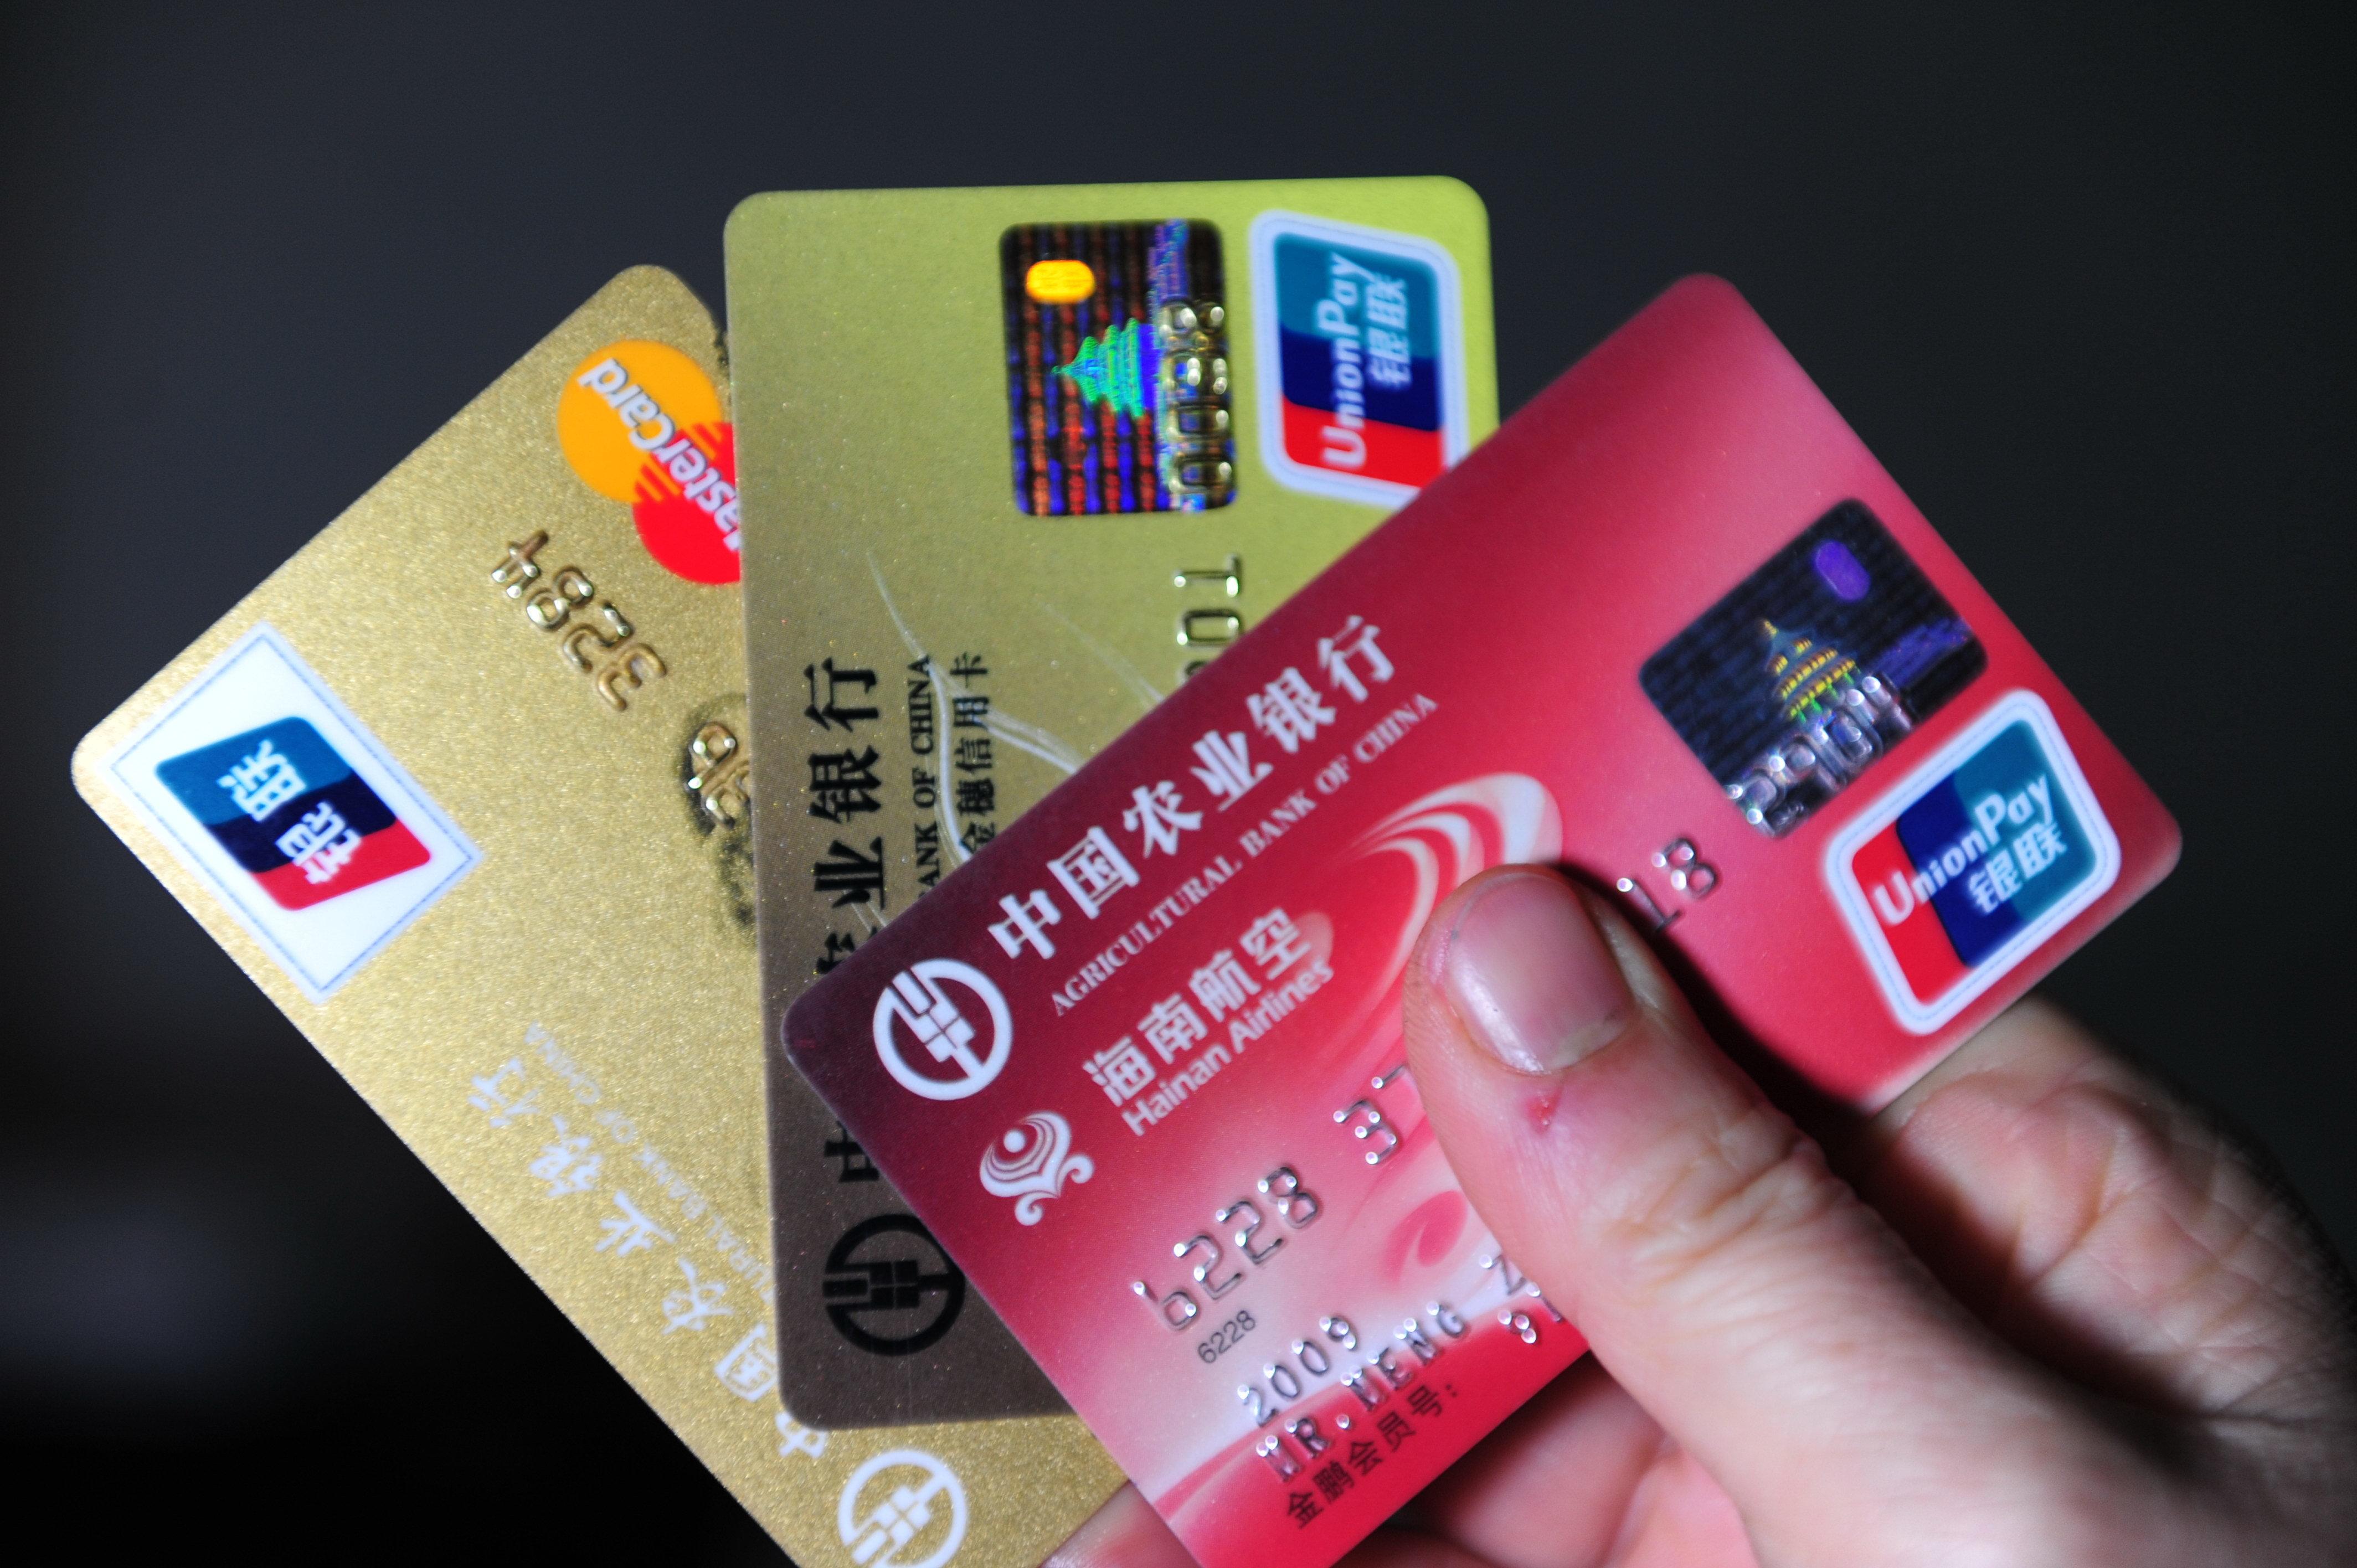 〖公司貸款管理辦法〗影響信用卡提額的5個細節,知道這些原因,提額就很容易了!